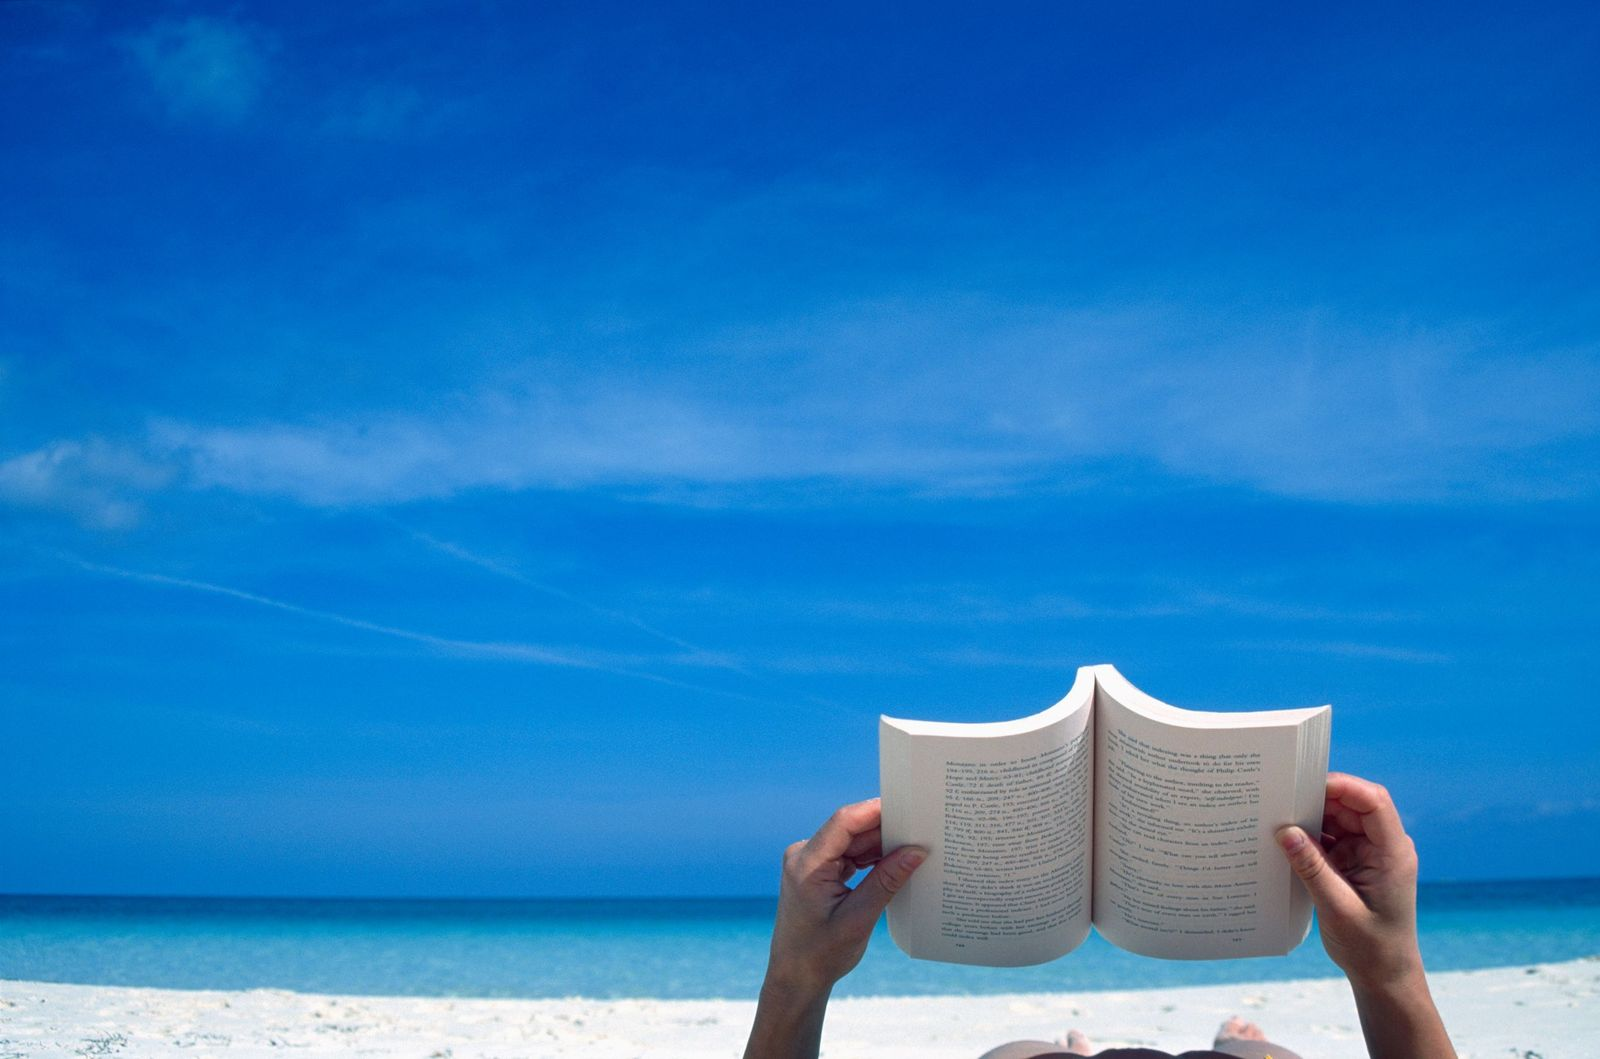 NICHT MEHR VERWENDEN! - Urlaub/ Lesen